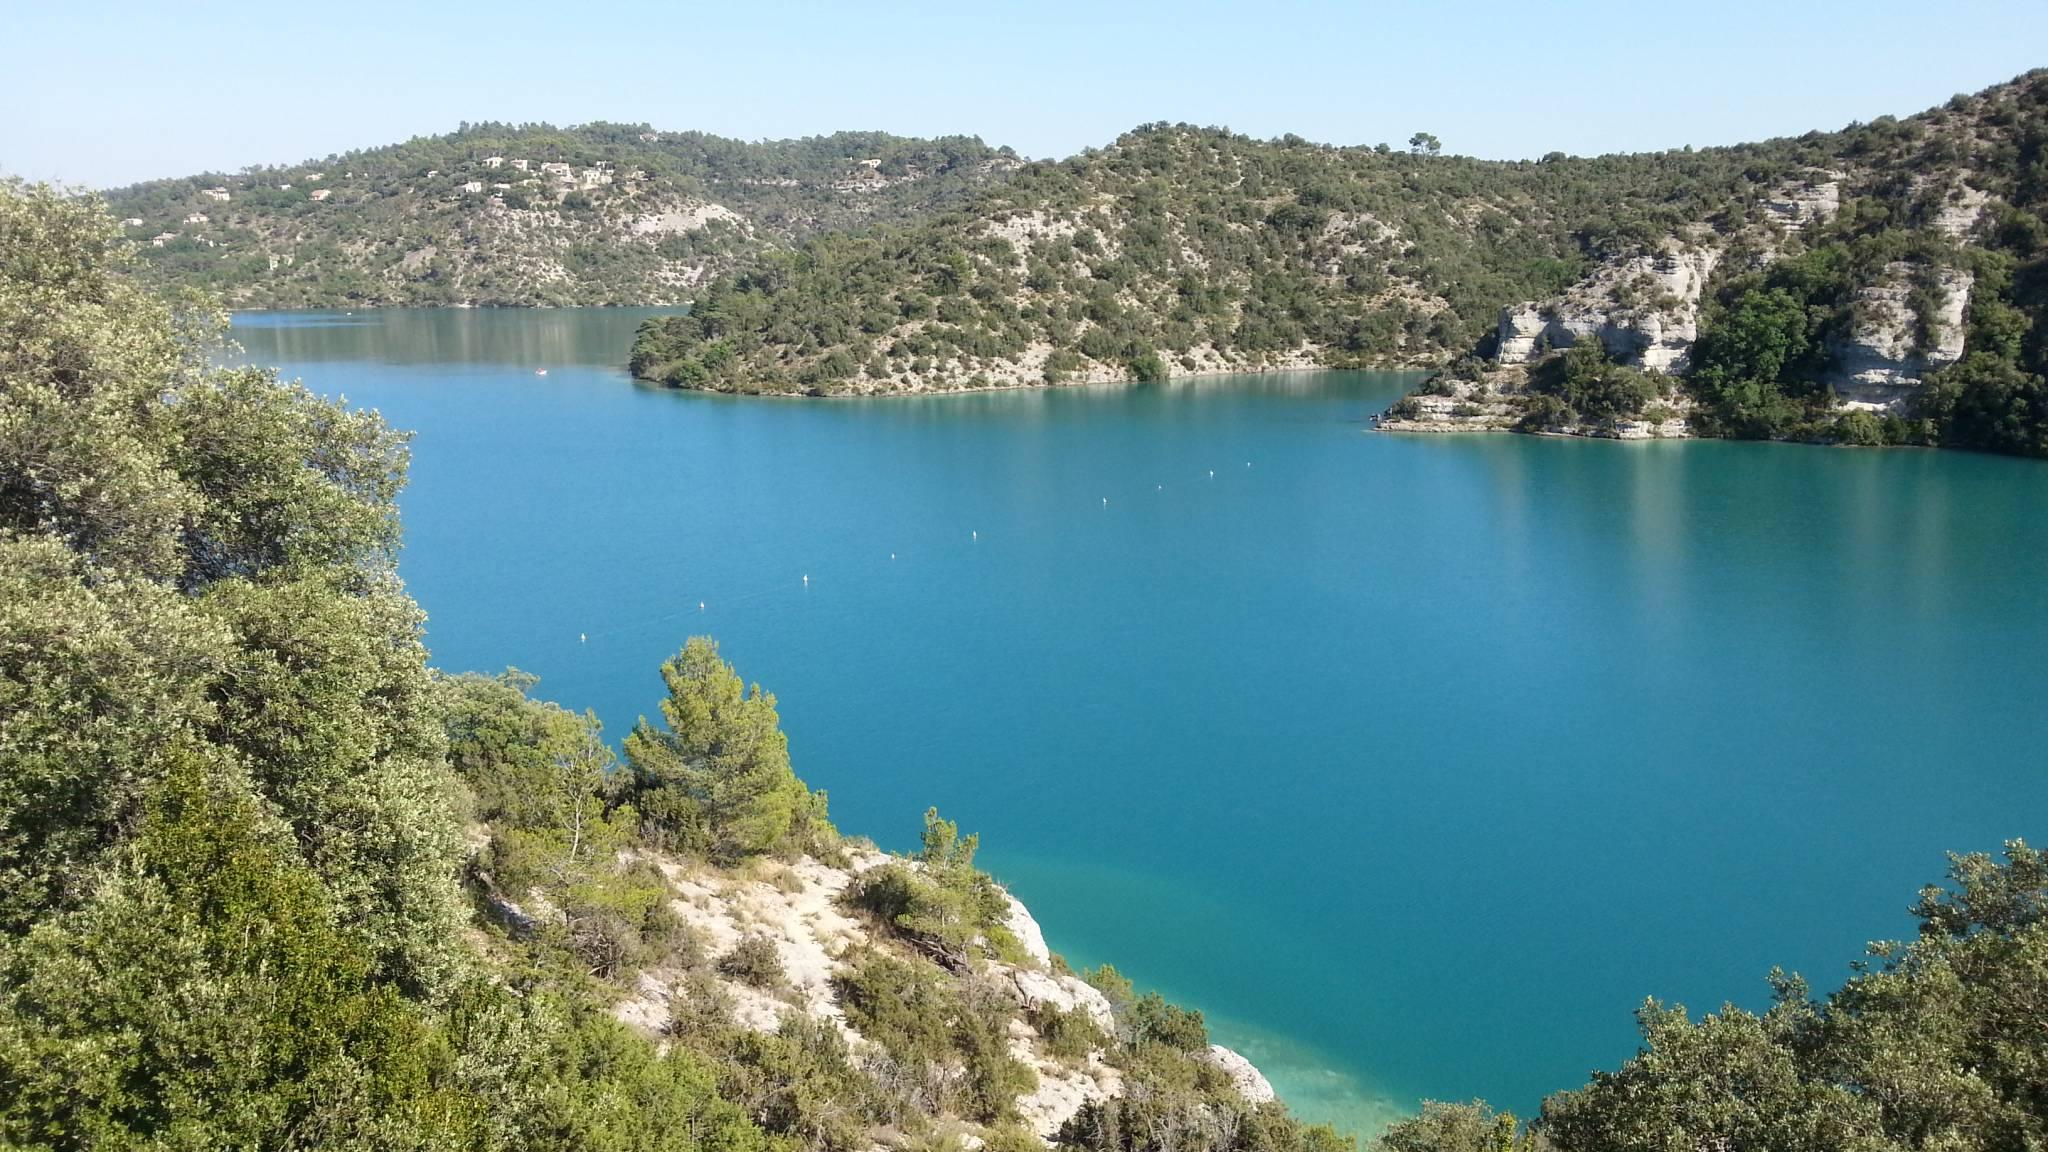 Lac dans les Gorges du Verdon